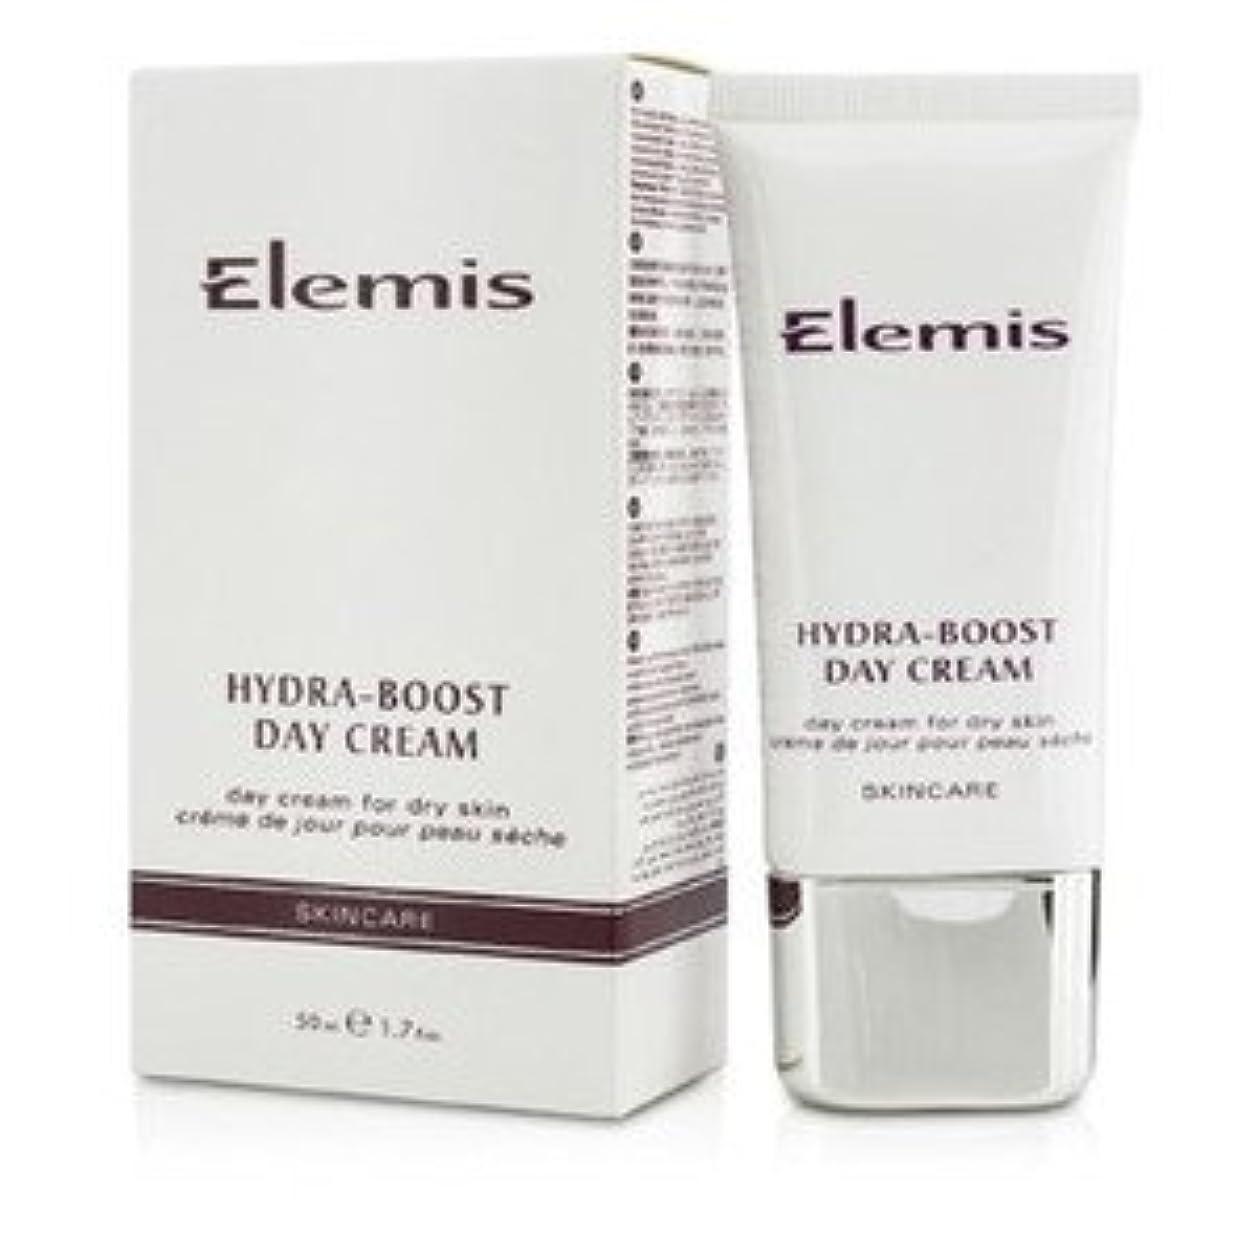 分解するスキムシャープエレミス[Elemis] イドラ ブースト デイ クリーム For Dry Skin 50ml/1.7oz [並行輸入品]